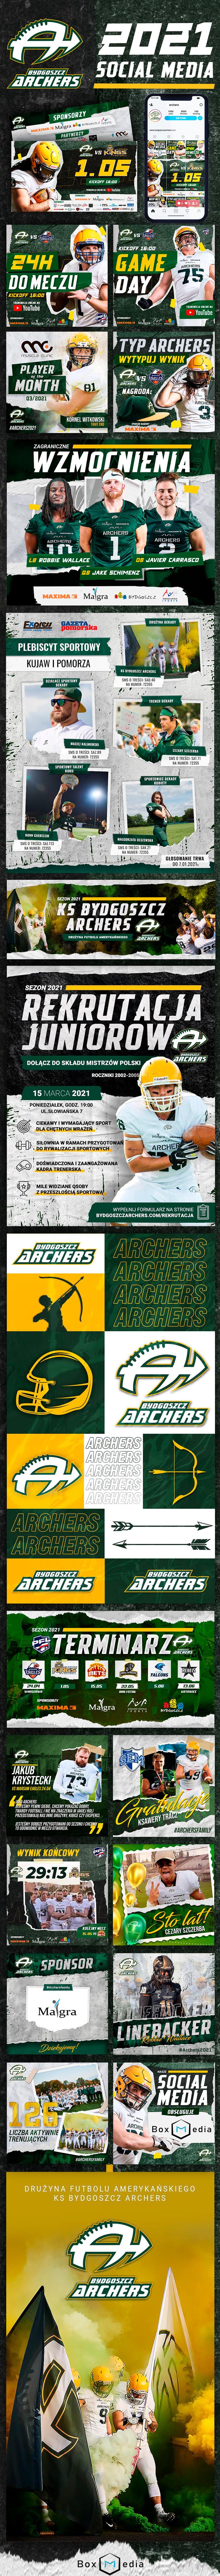 Social-media-Archers (1).jpg